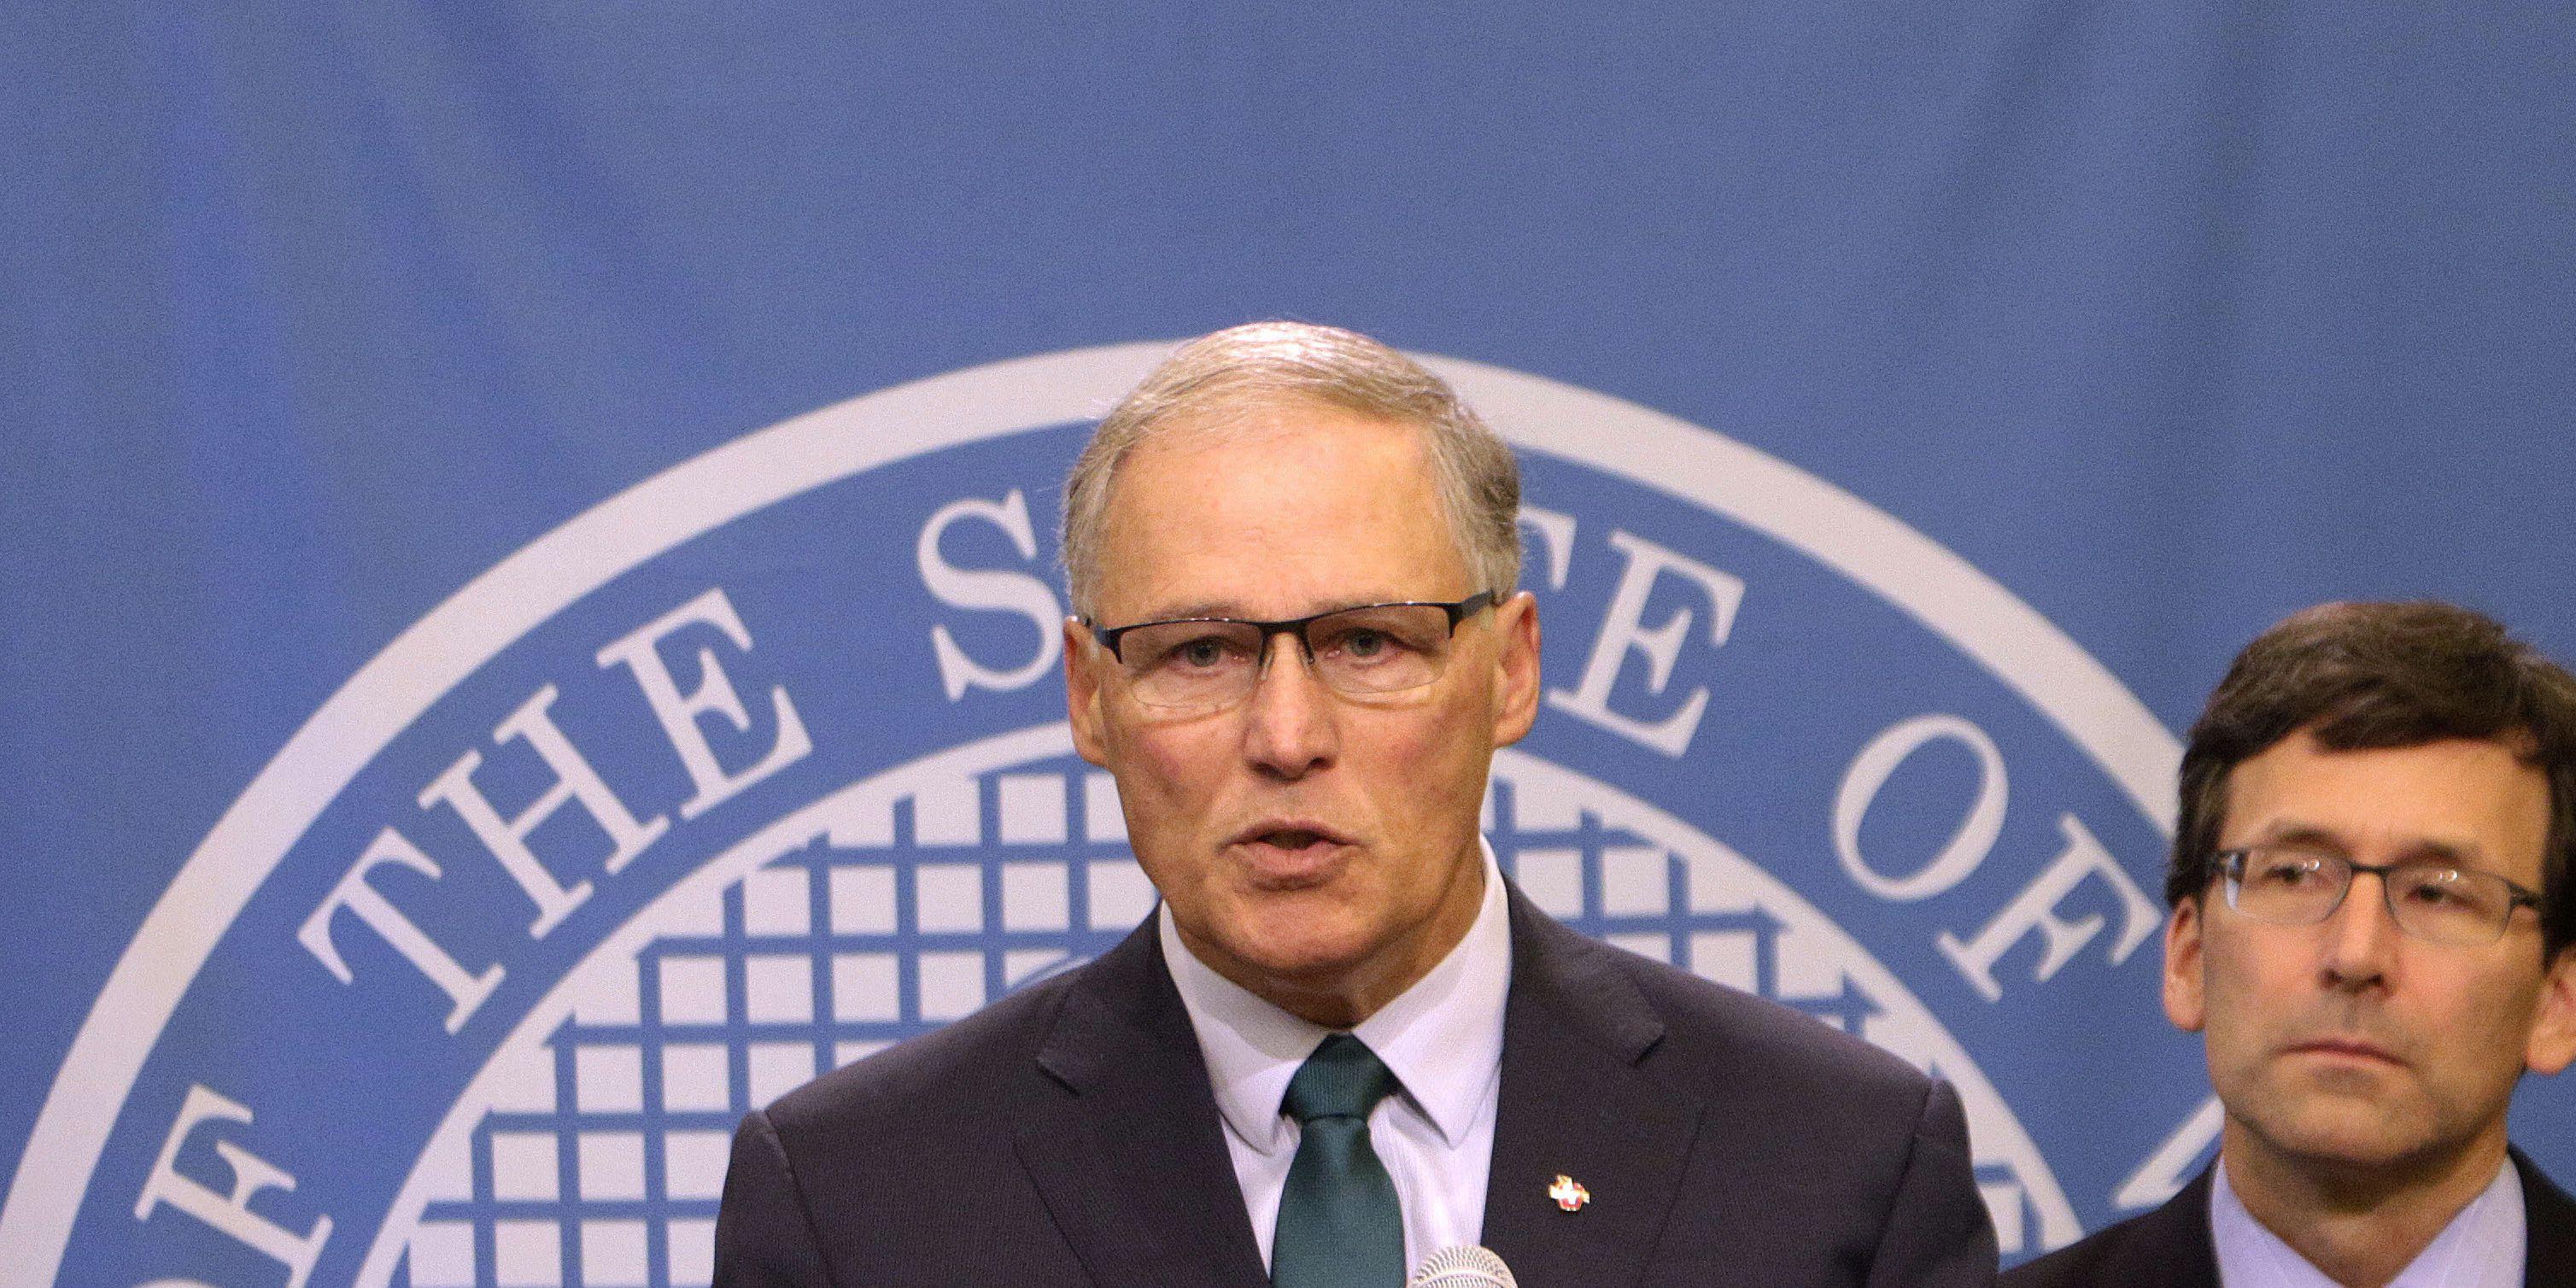 Washington Gov. Inslee running for president